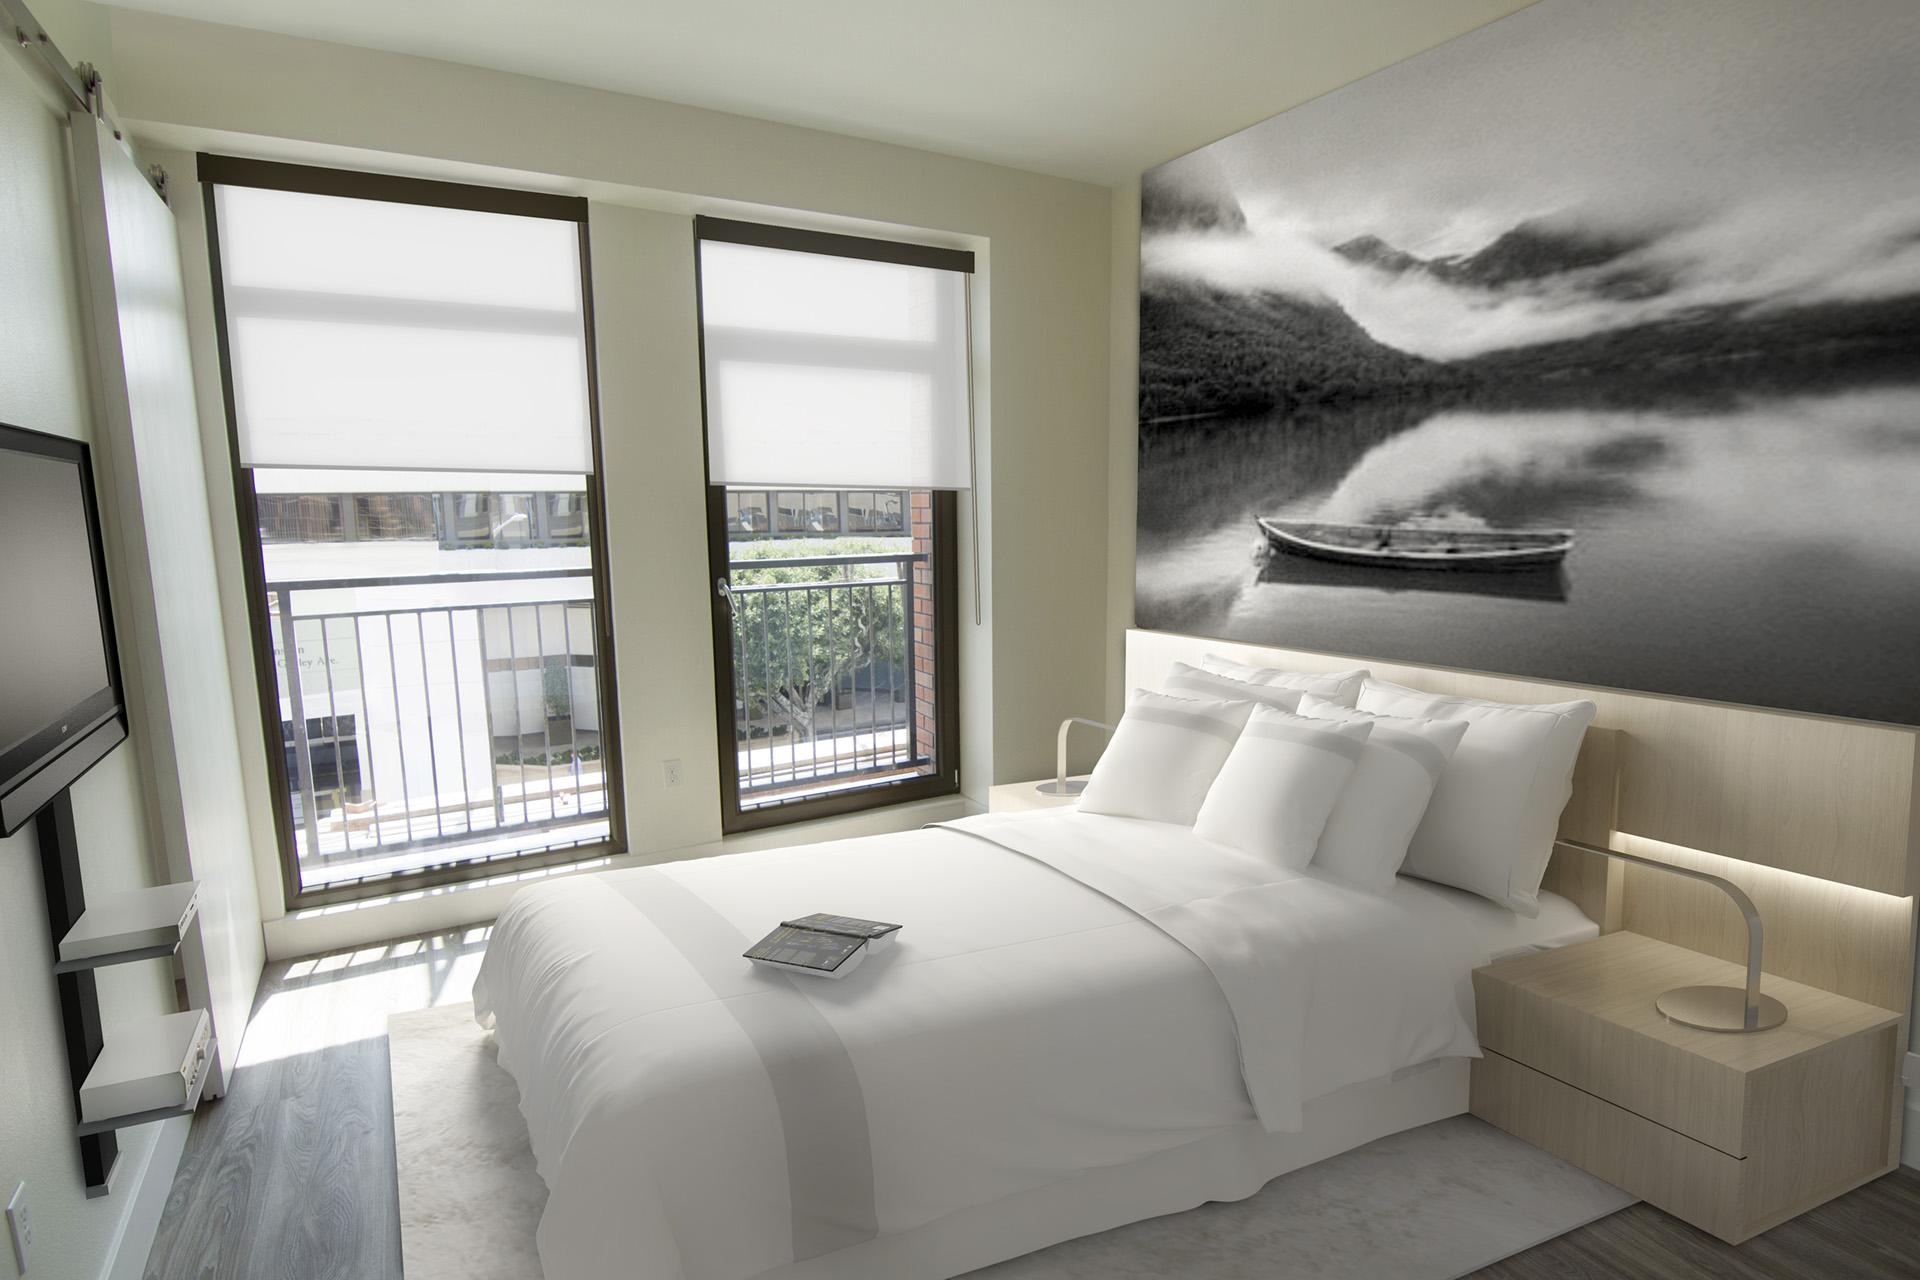 Modern One Bedroom Apartments in Westwood, Los Angeles CA - Gayley & Lindbrook Bedroom